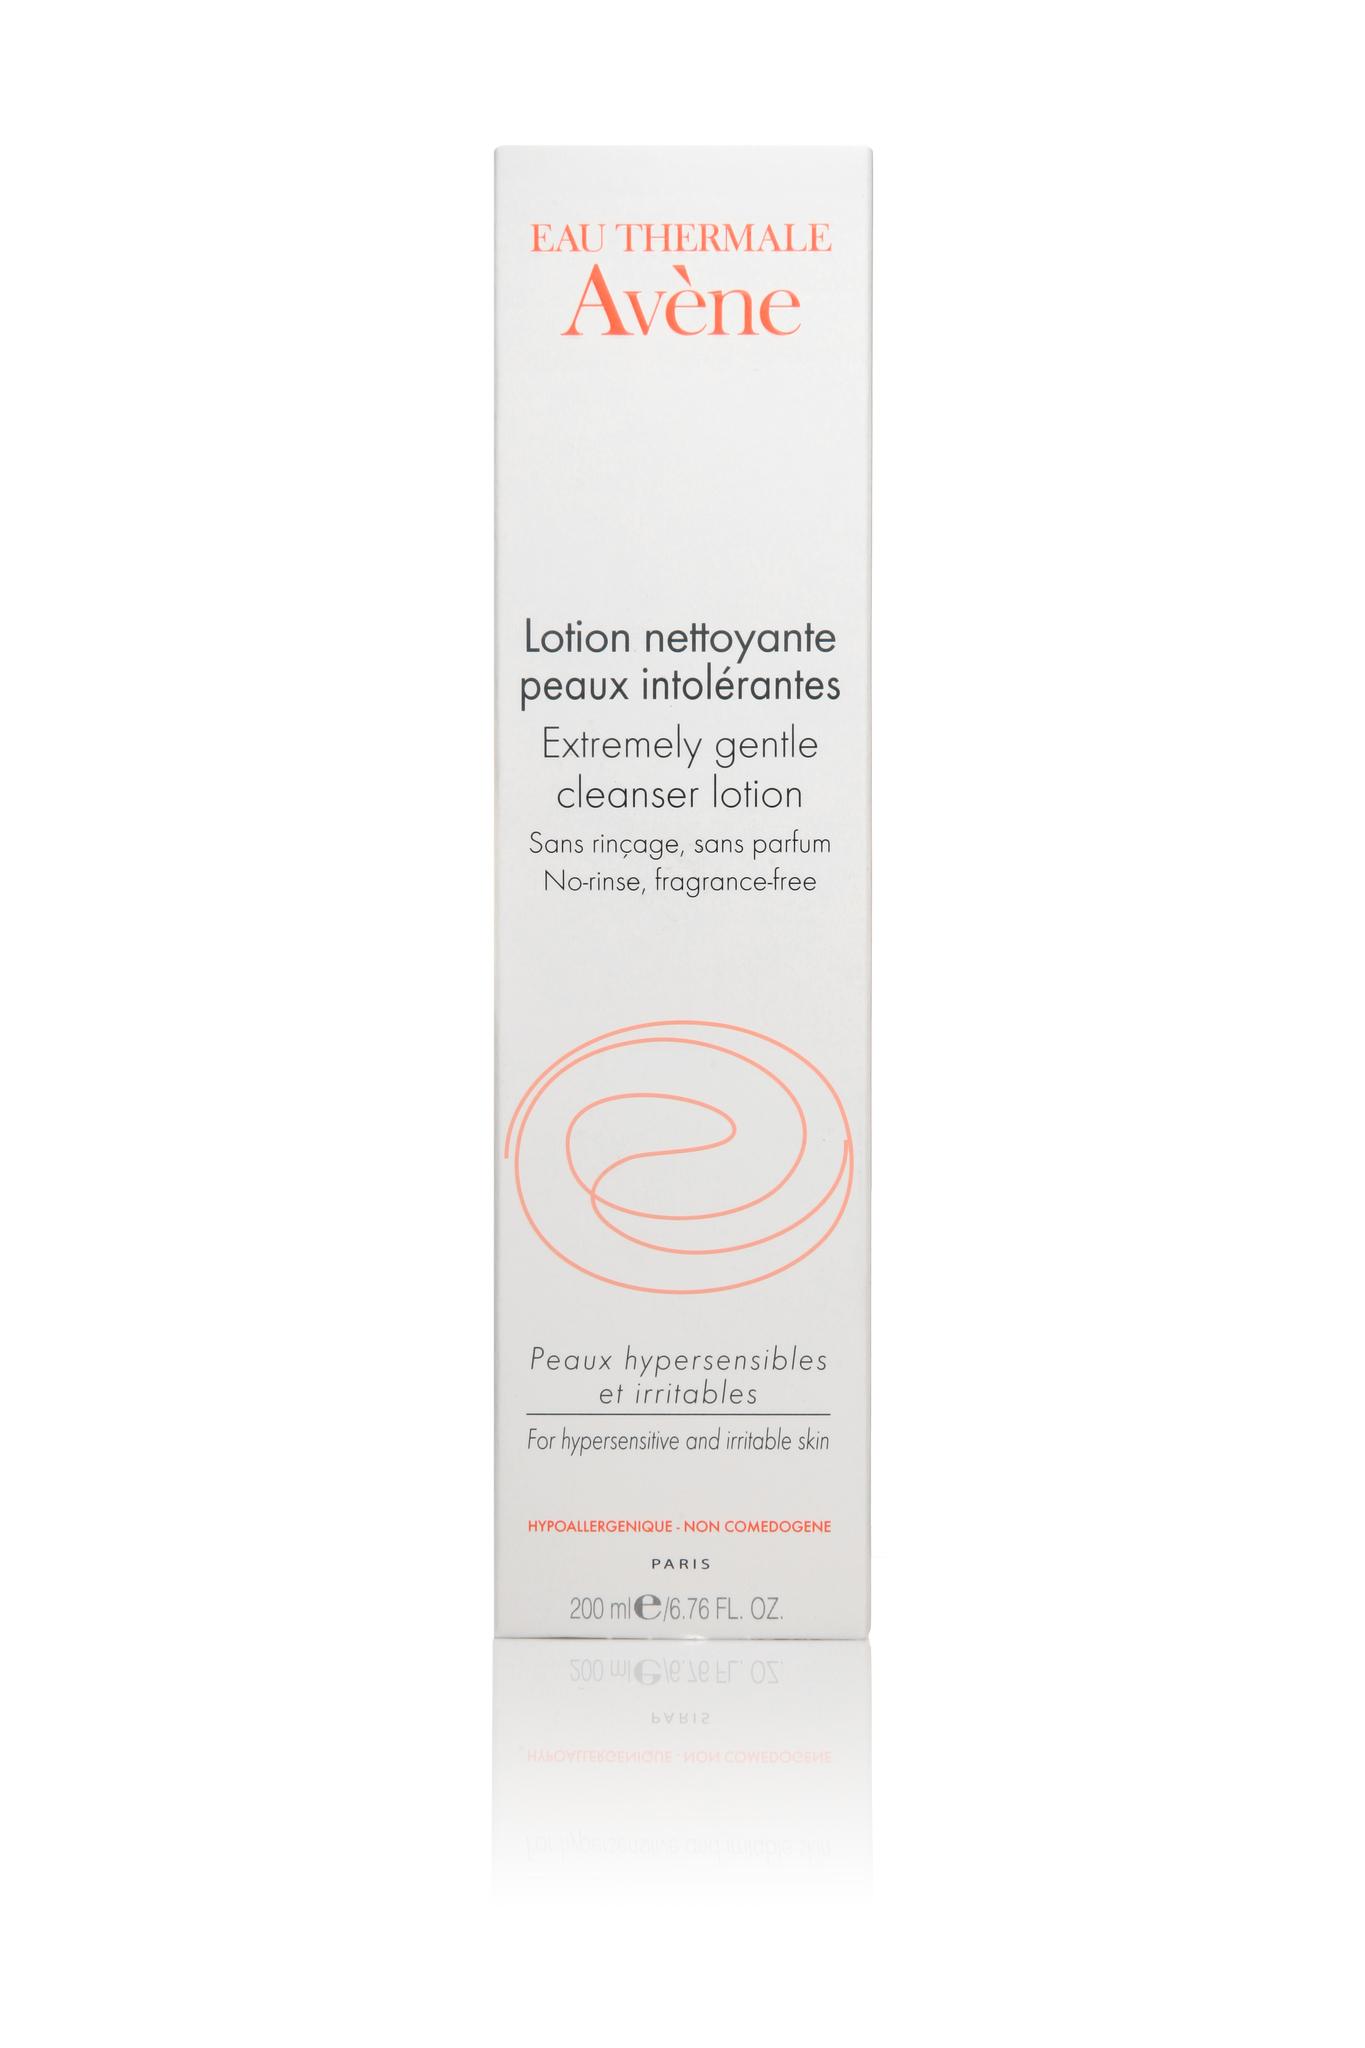 Avene лосьон очищающий для сверхчувствительной кожи 200 мл.